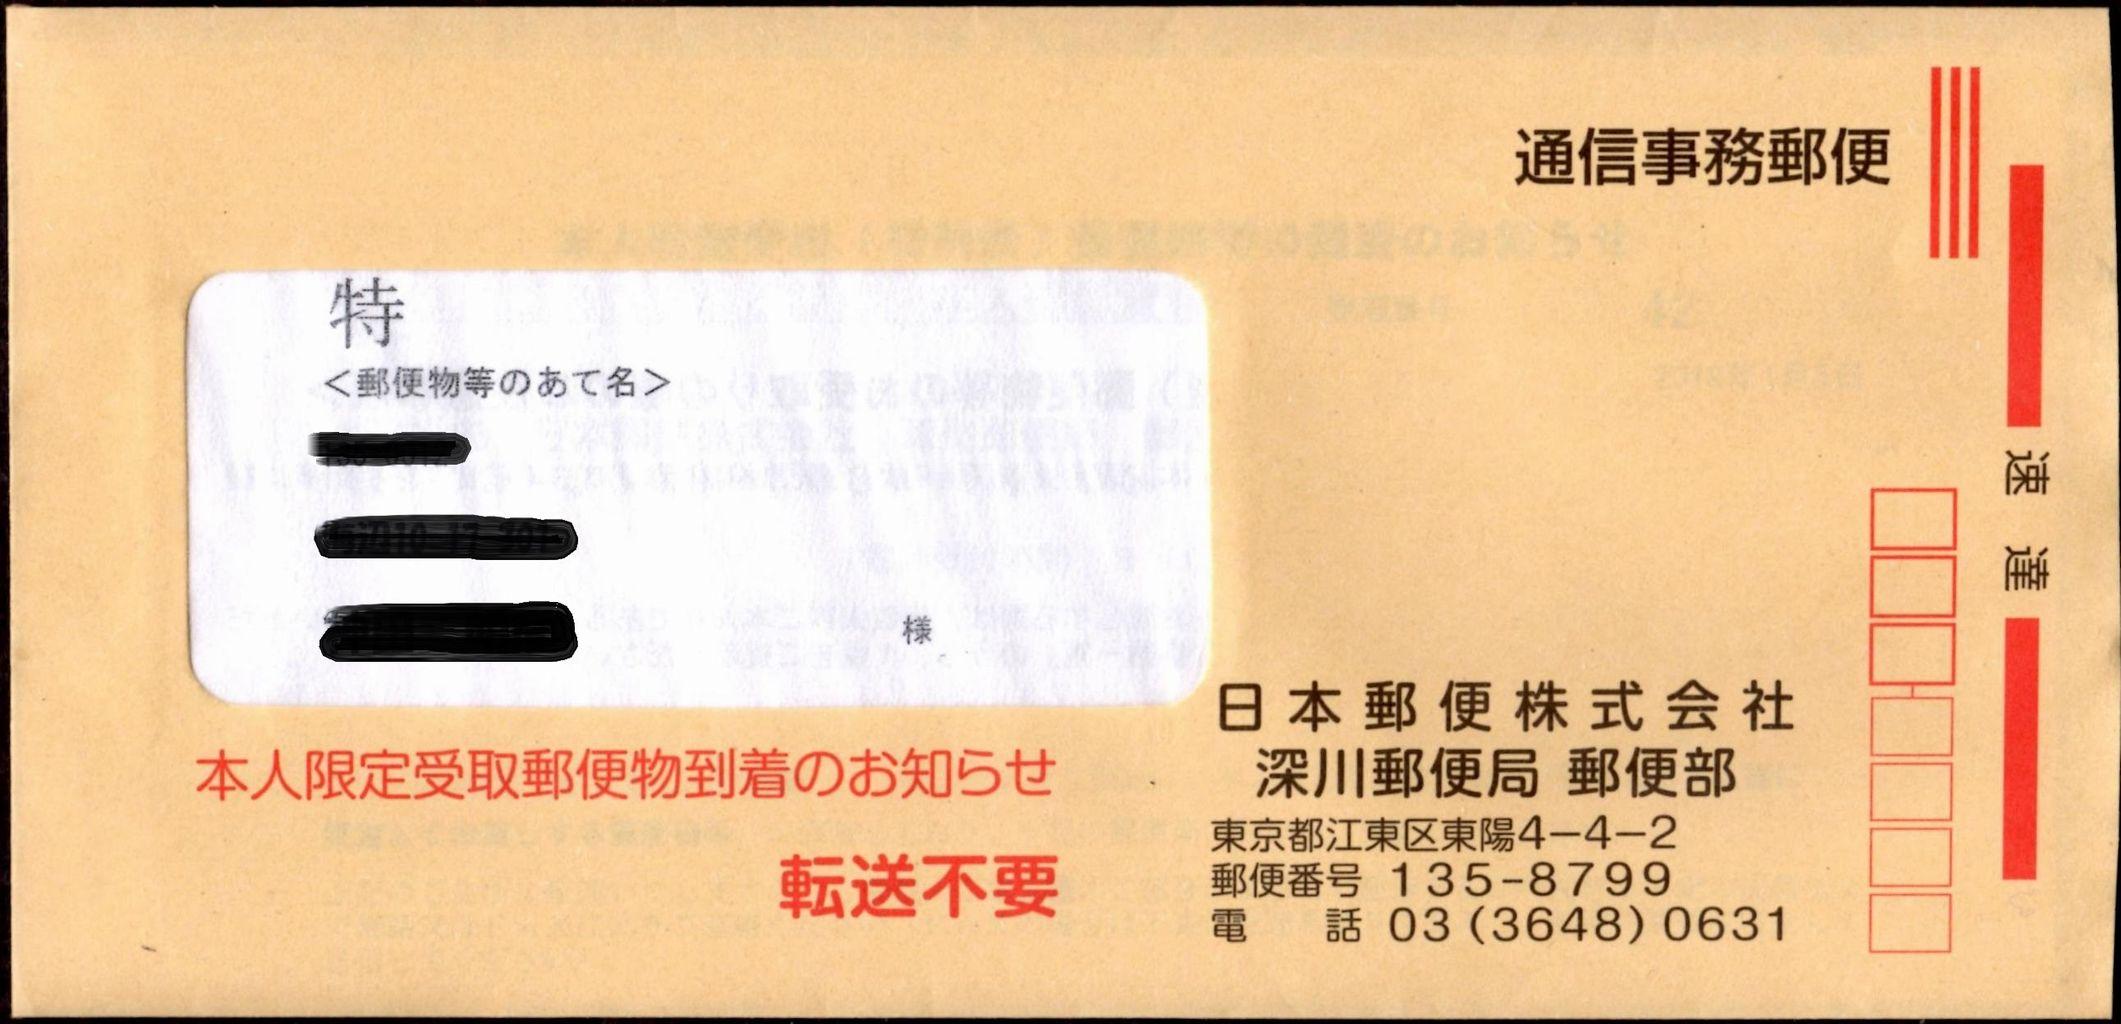 受取 郵便 限定 本人 本人確認書類としてご利用可能なもの